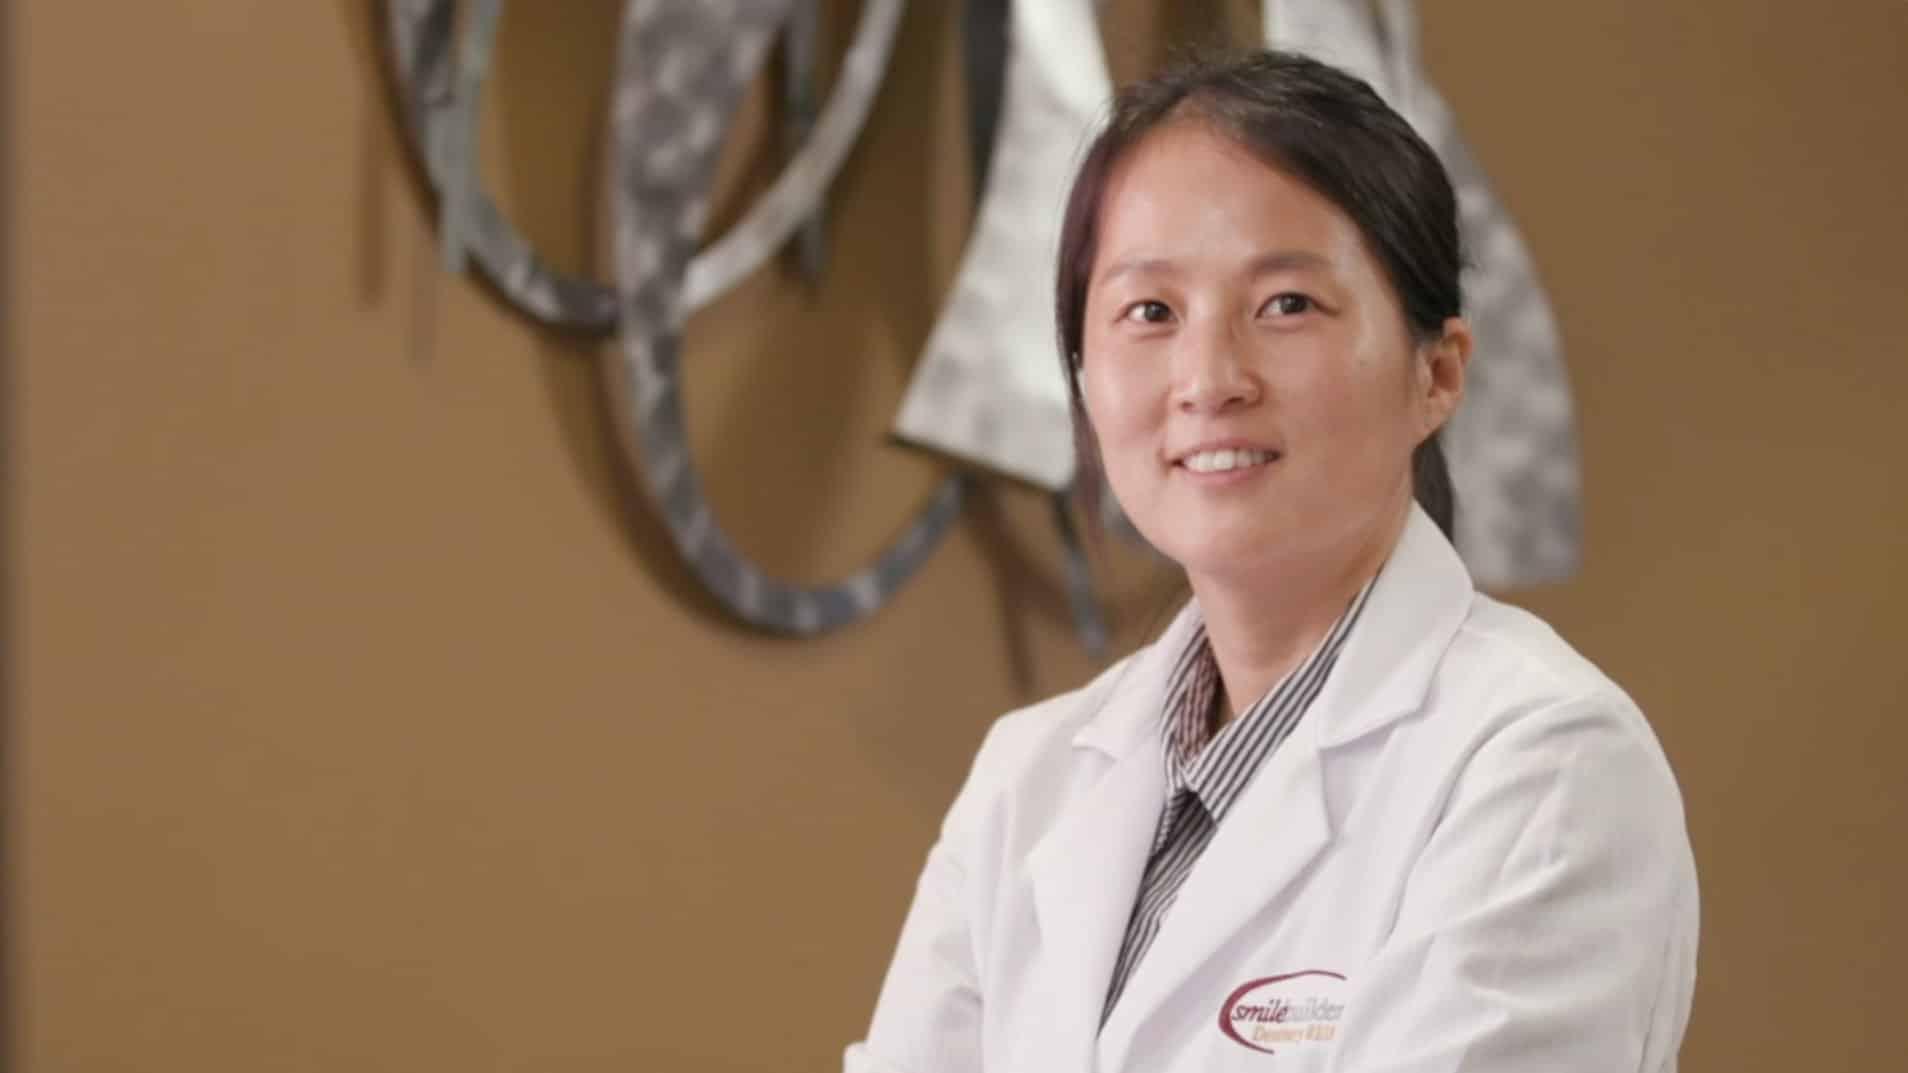 Dr. Seungjoo Park